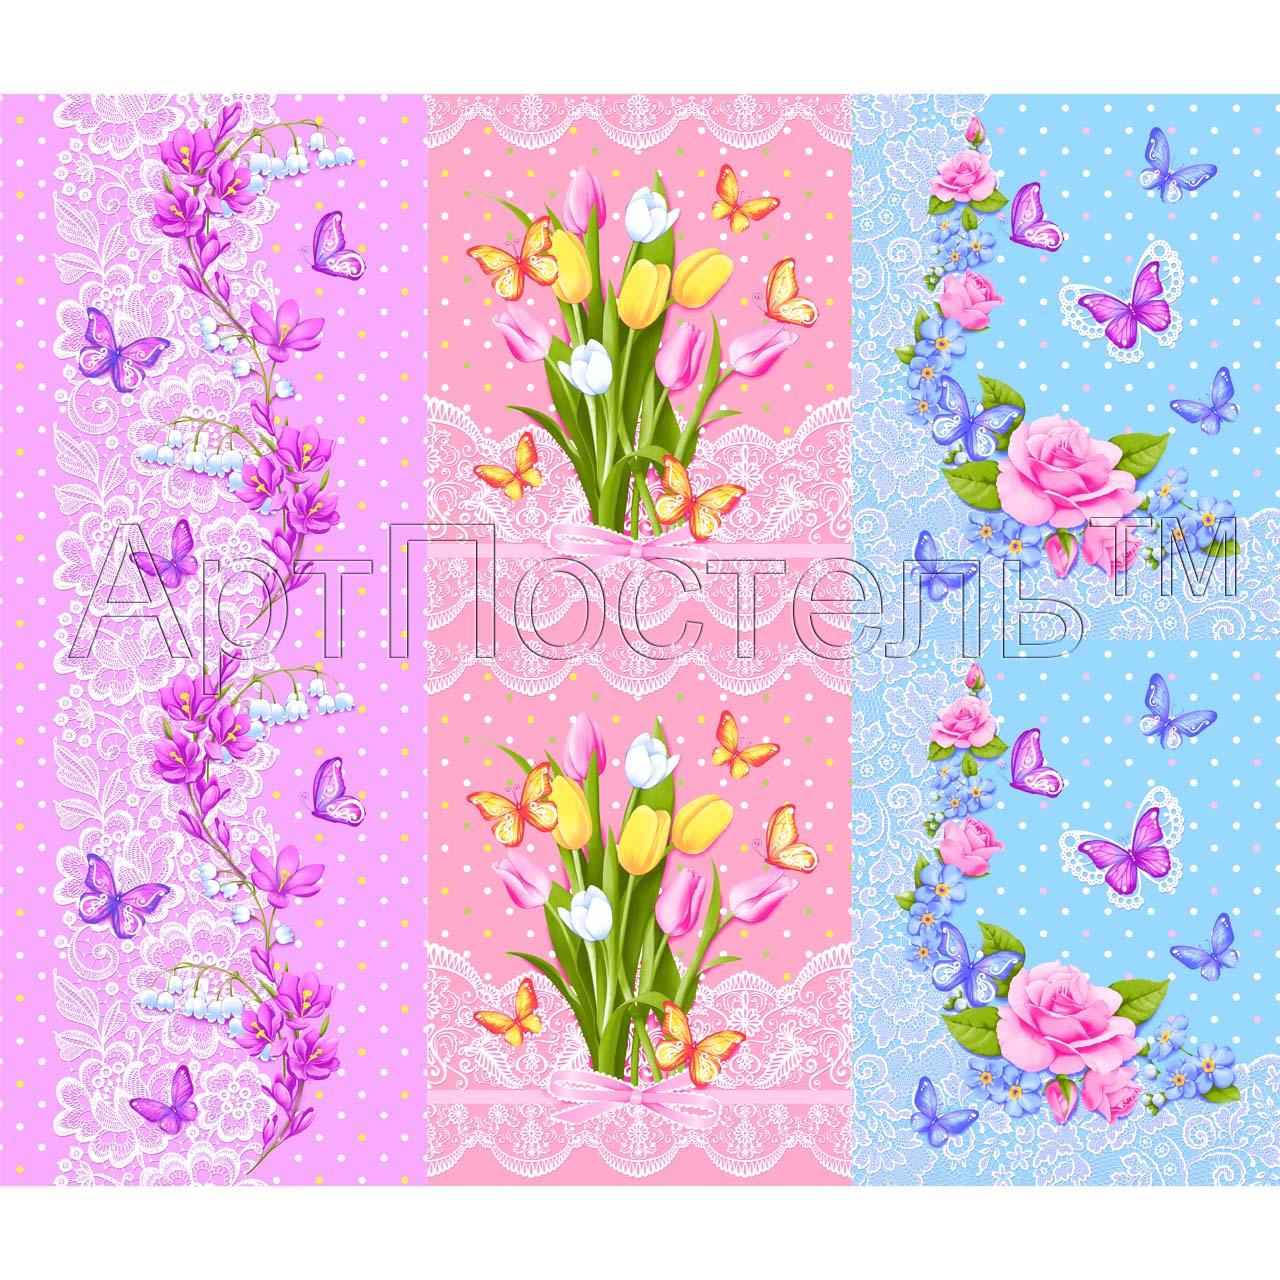 Набор полотенец Пробуждение р. 45х60Вафельные полотенца<br>Плотность:160 г/кв. м<br><br>Тип: Набор полотенец<br>Размер: 45х60<br>Материал: Вафельное полотно